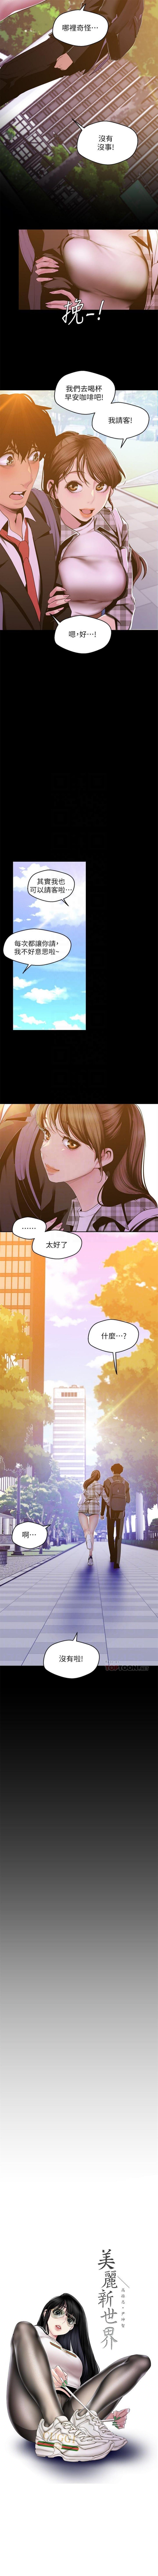 美麗新世界 1-85 官方中文(連載中) 665